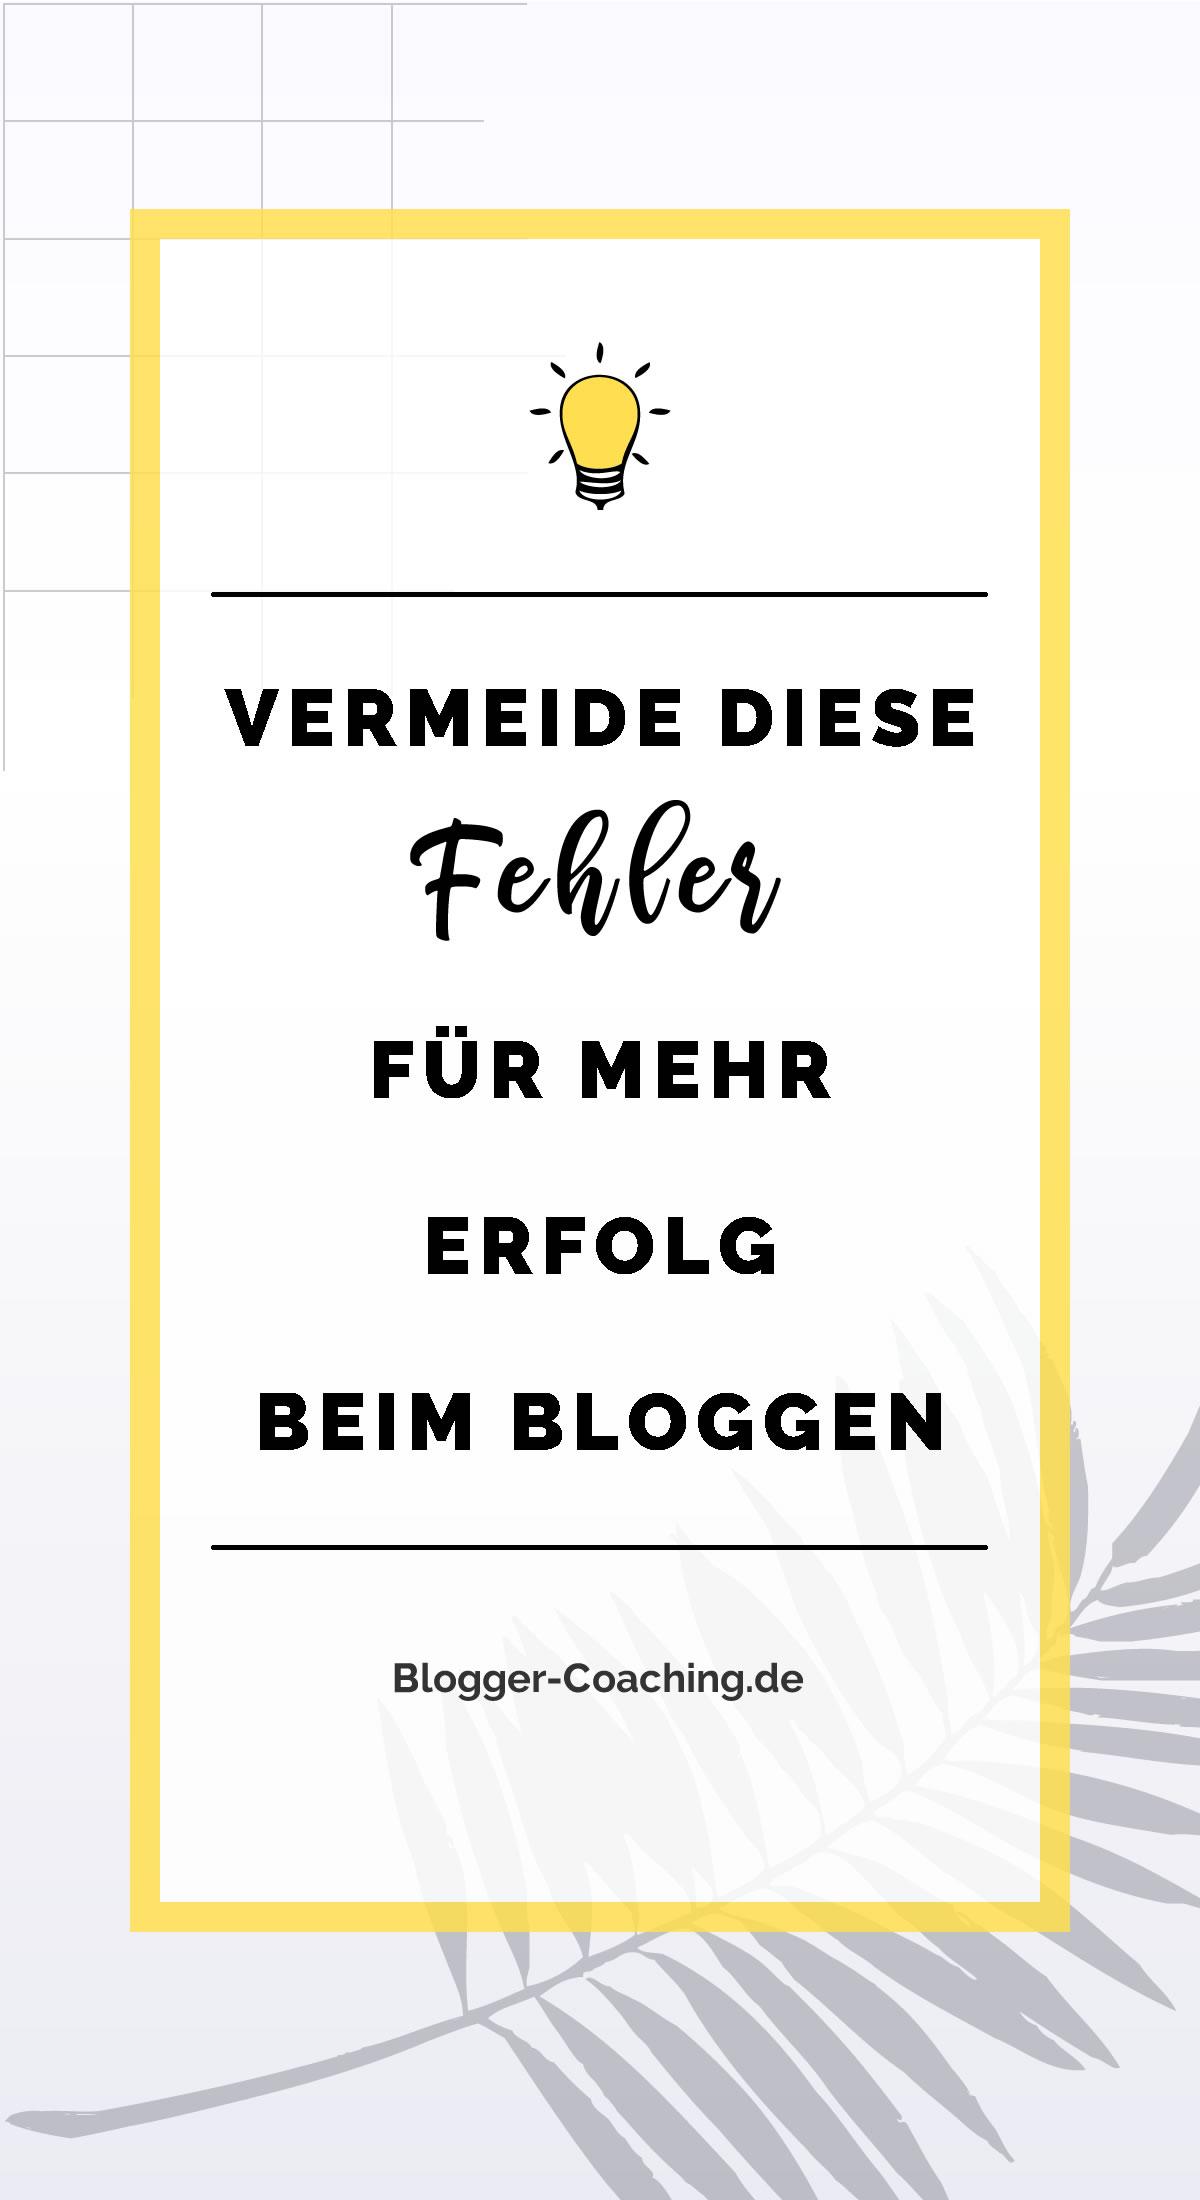 6 Anfängerfehler beim Bloggen und wie du sie vermeidest 2/3 | Blogger-Coaching.de - Erfolgreich bloggen & Geld verdienen #bloggen #erfolg